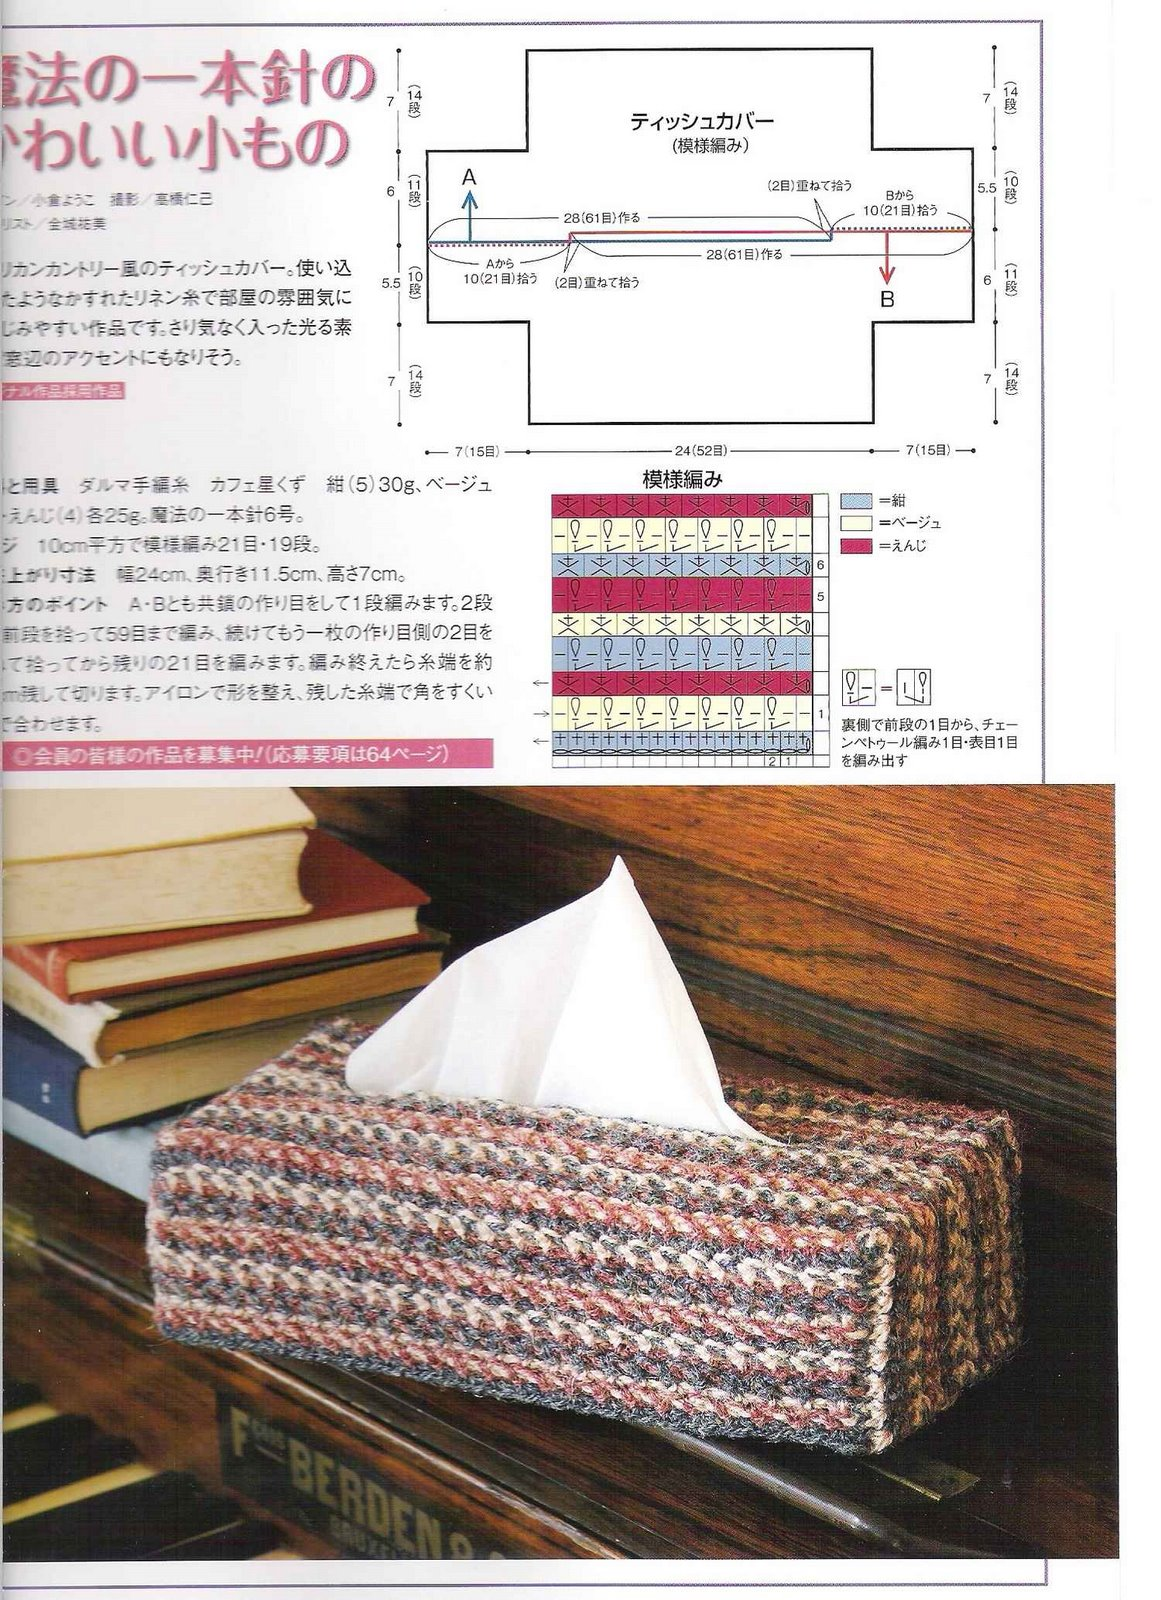 Amu 2008 03 上  - 荷塘秀色 - 茶之韵